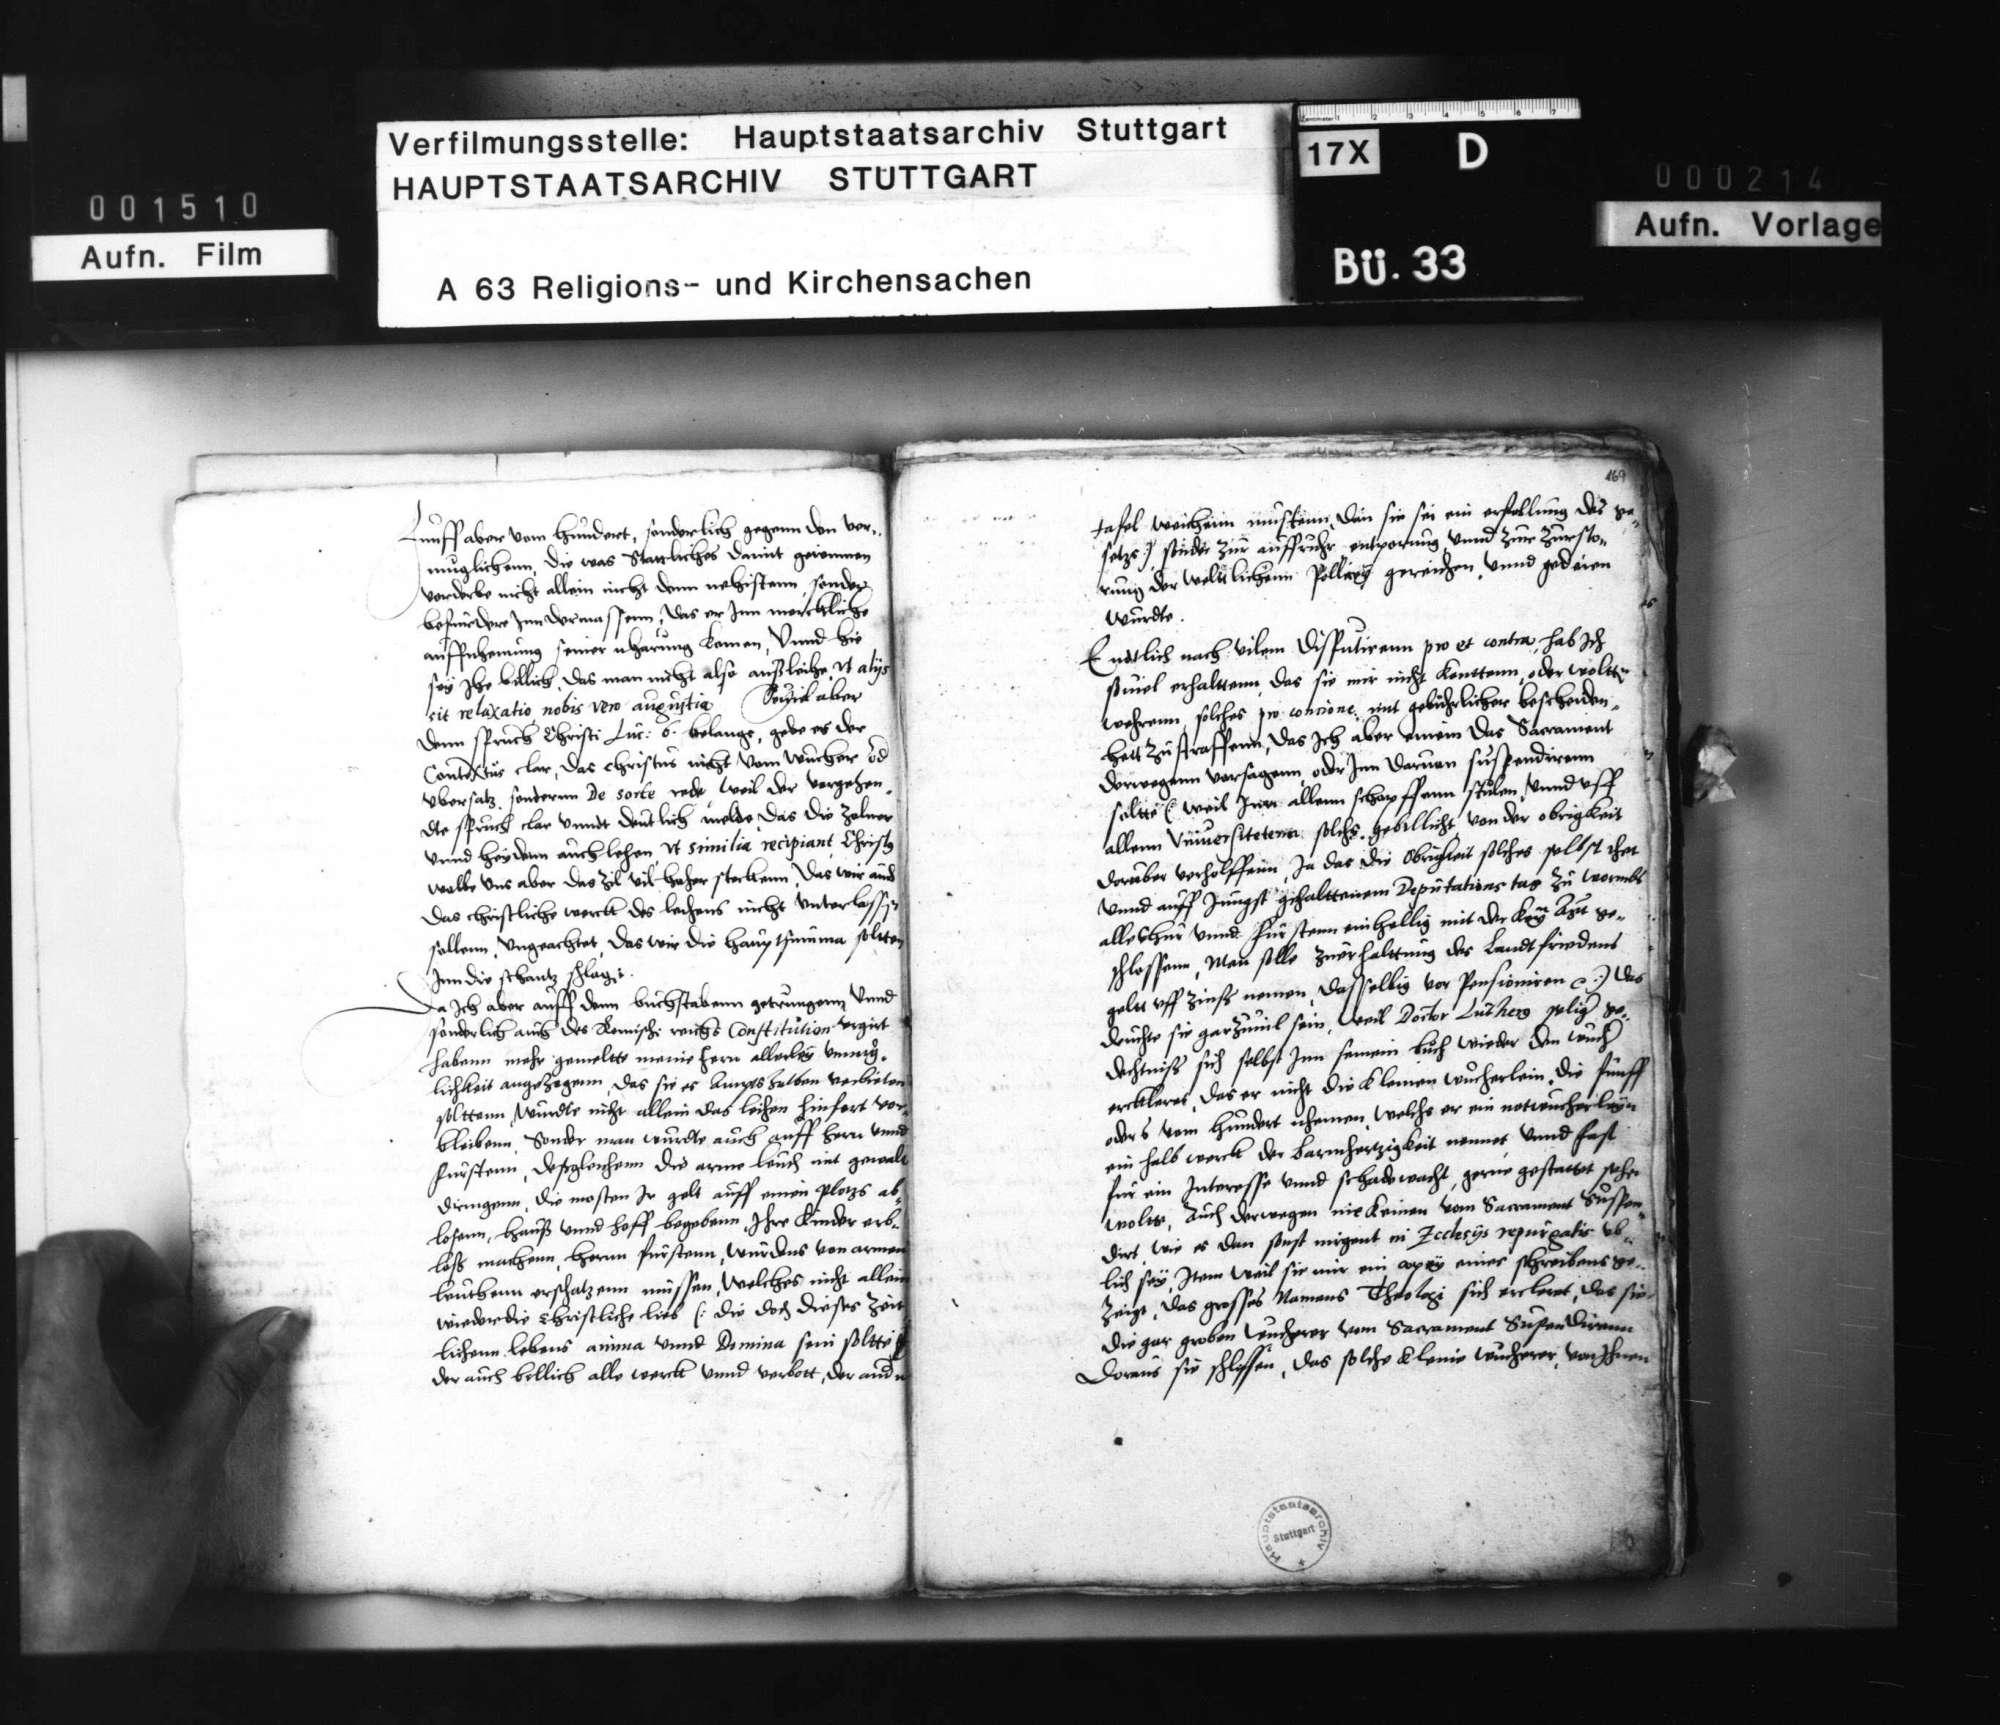 Akten, betreffend die Anfrage des Grafen von Hennenberg, ob das Zinsnehmen den Christen erlaubt sei, mit Bedenken von Jakob Andreä, Brenz und Balthasar Bidembach., Bild 3